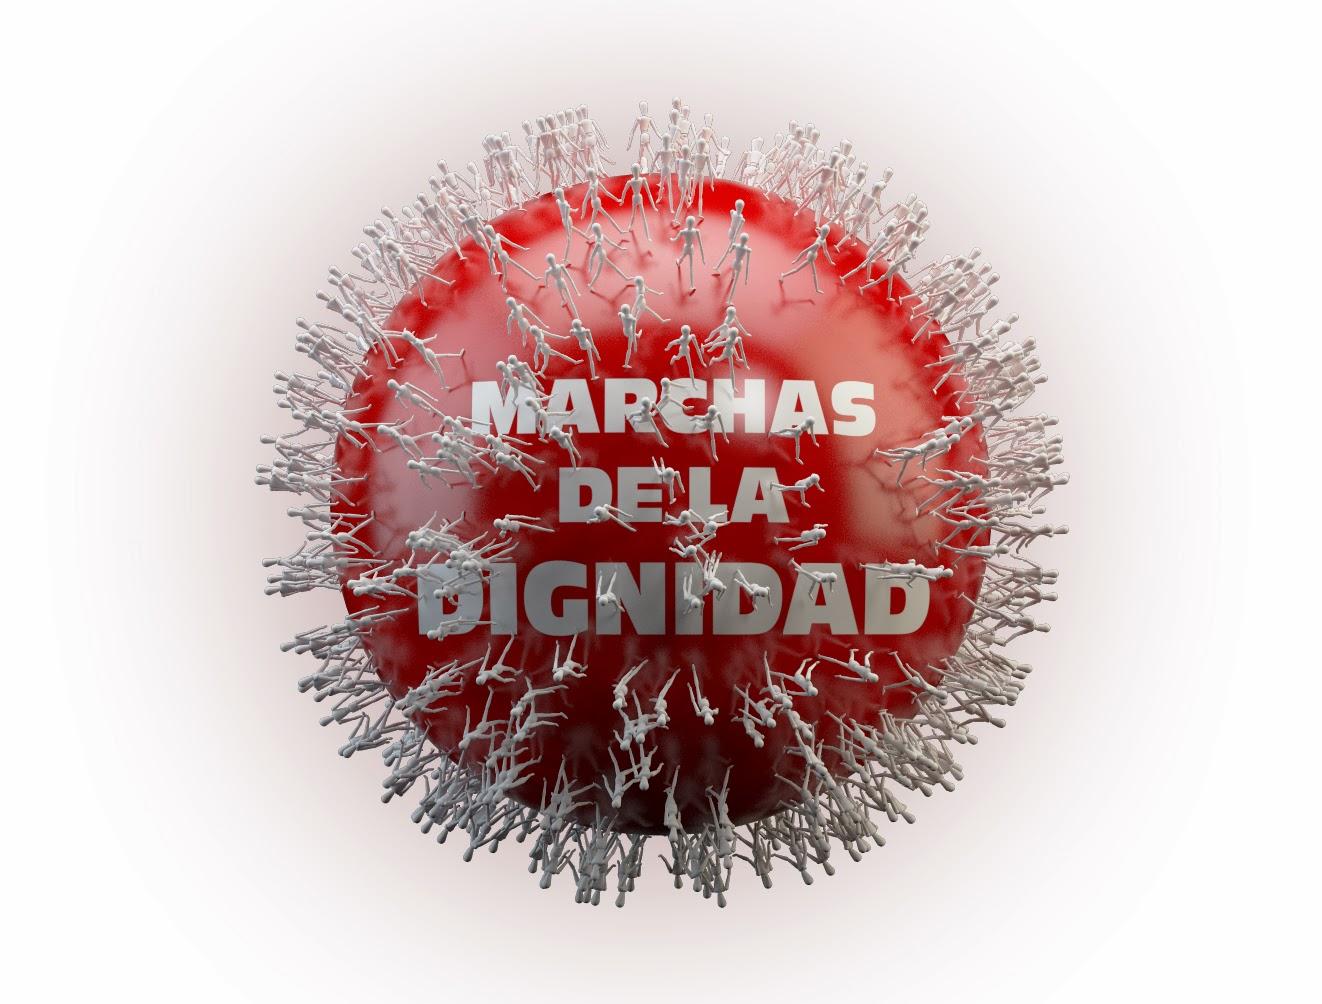 Marcha Dignidad Esfera Blanco